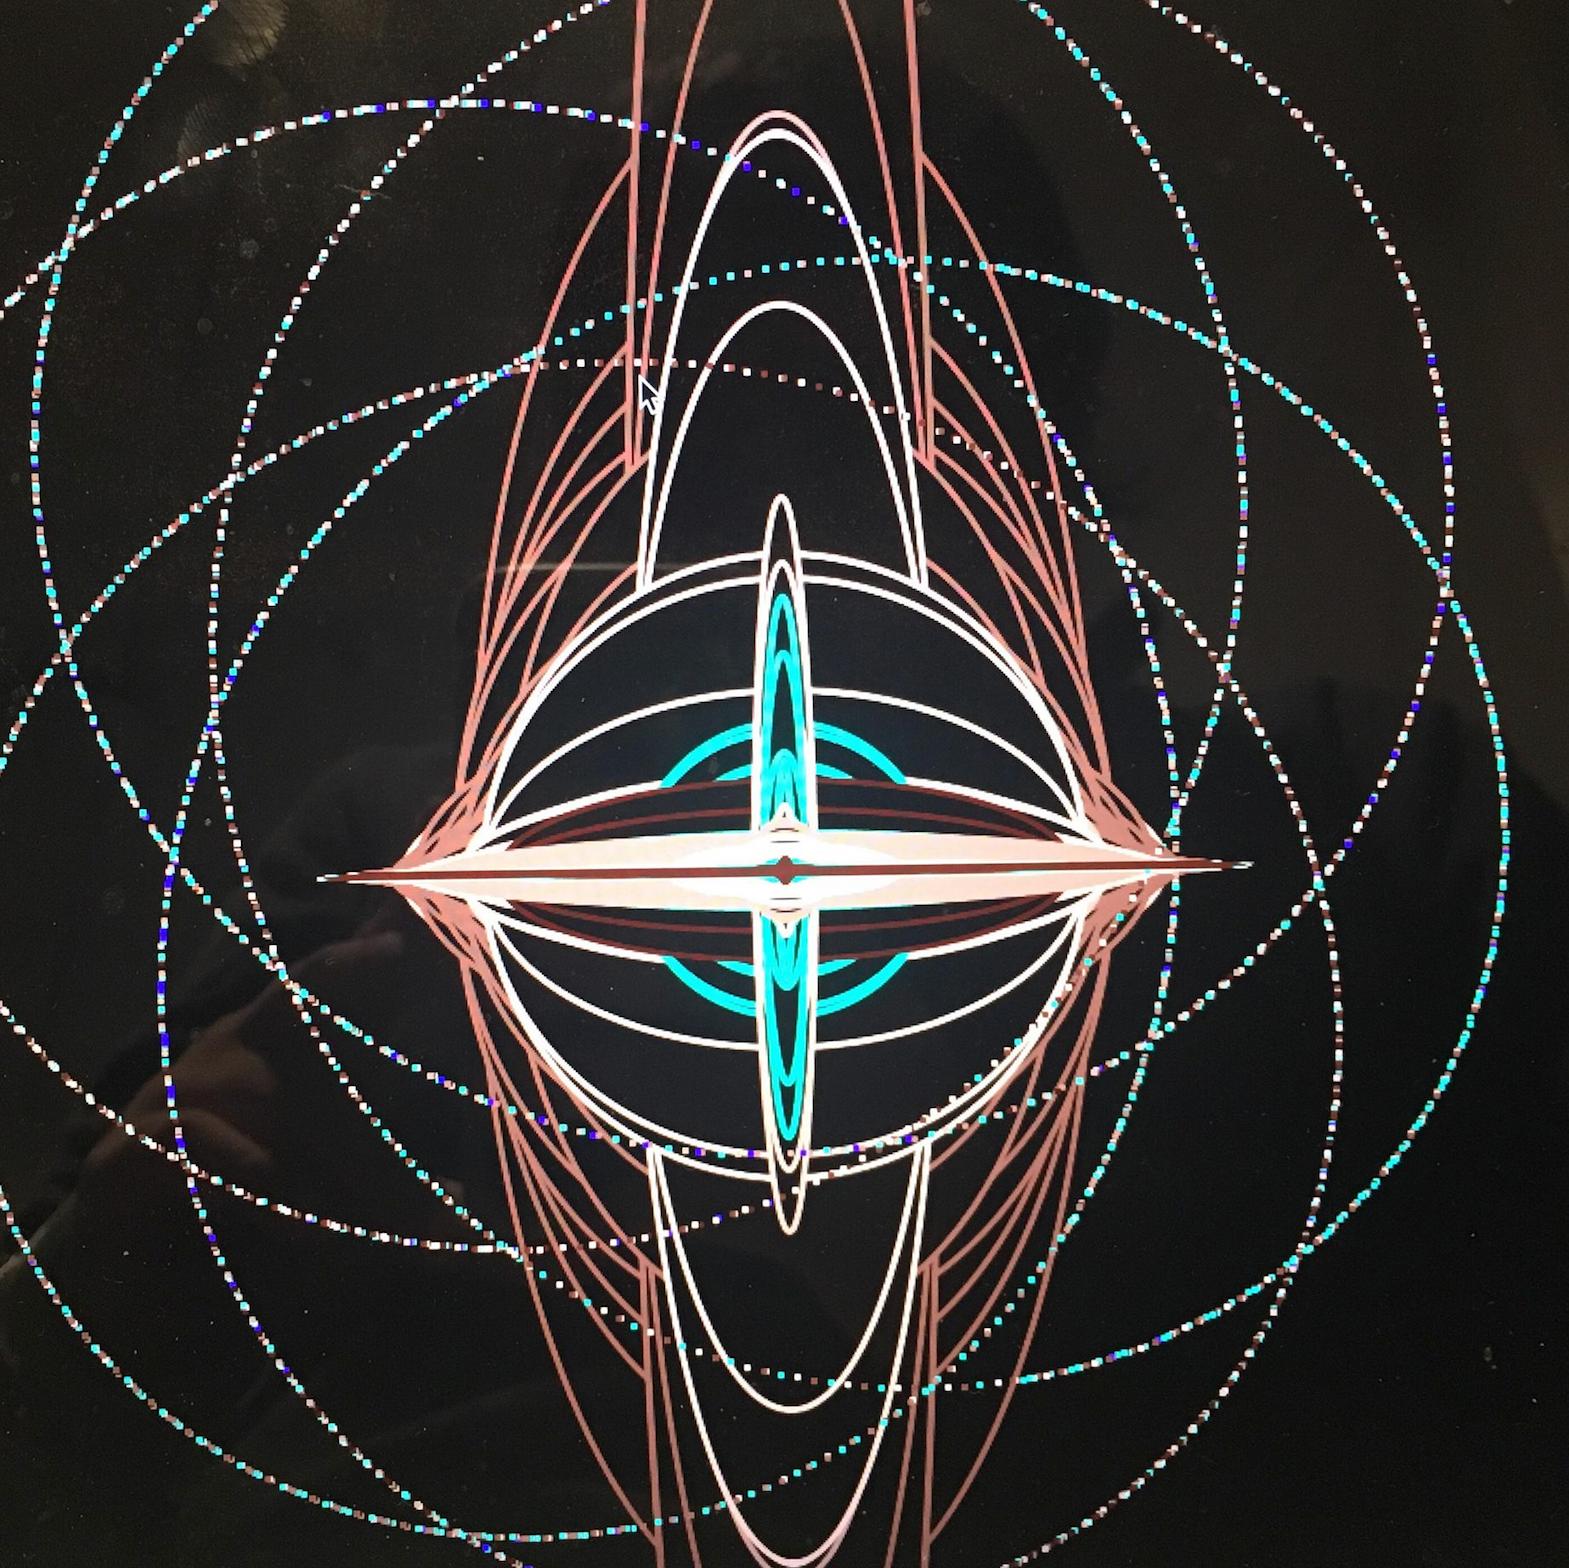 गणित का नृत्य (Ganit ki Nritya - The Dance of Math) Spring 2018